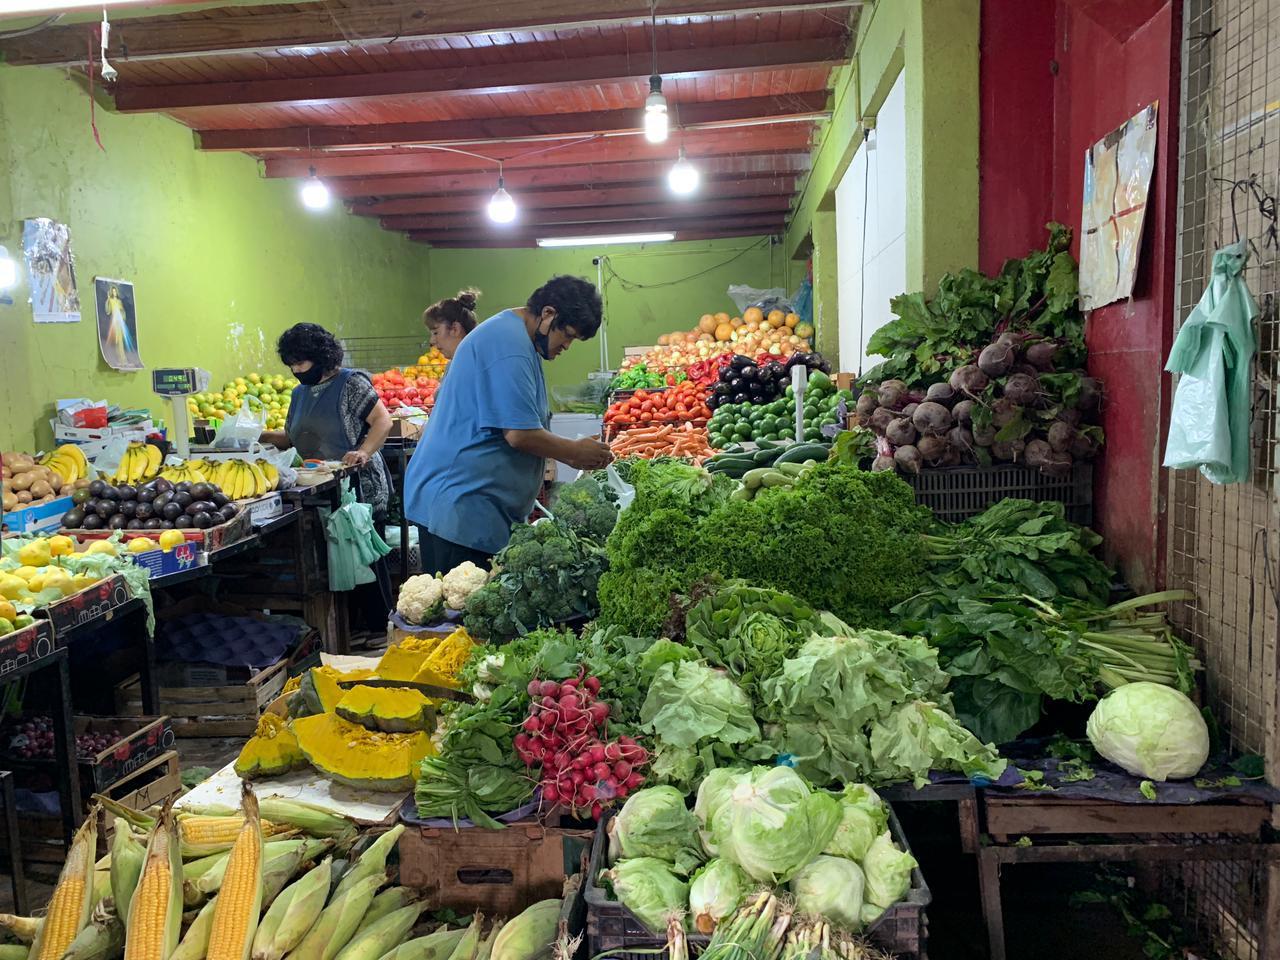 mercado san miguel verduras precios compras